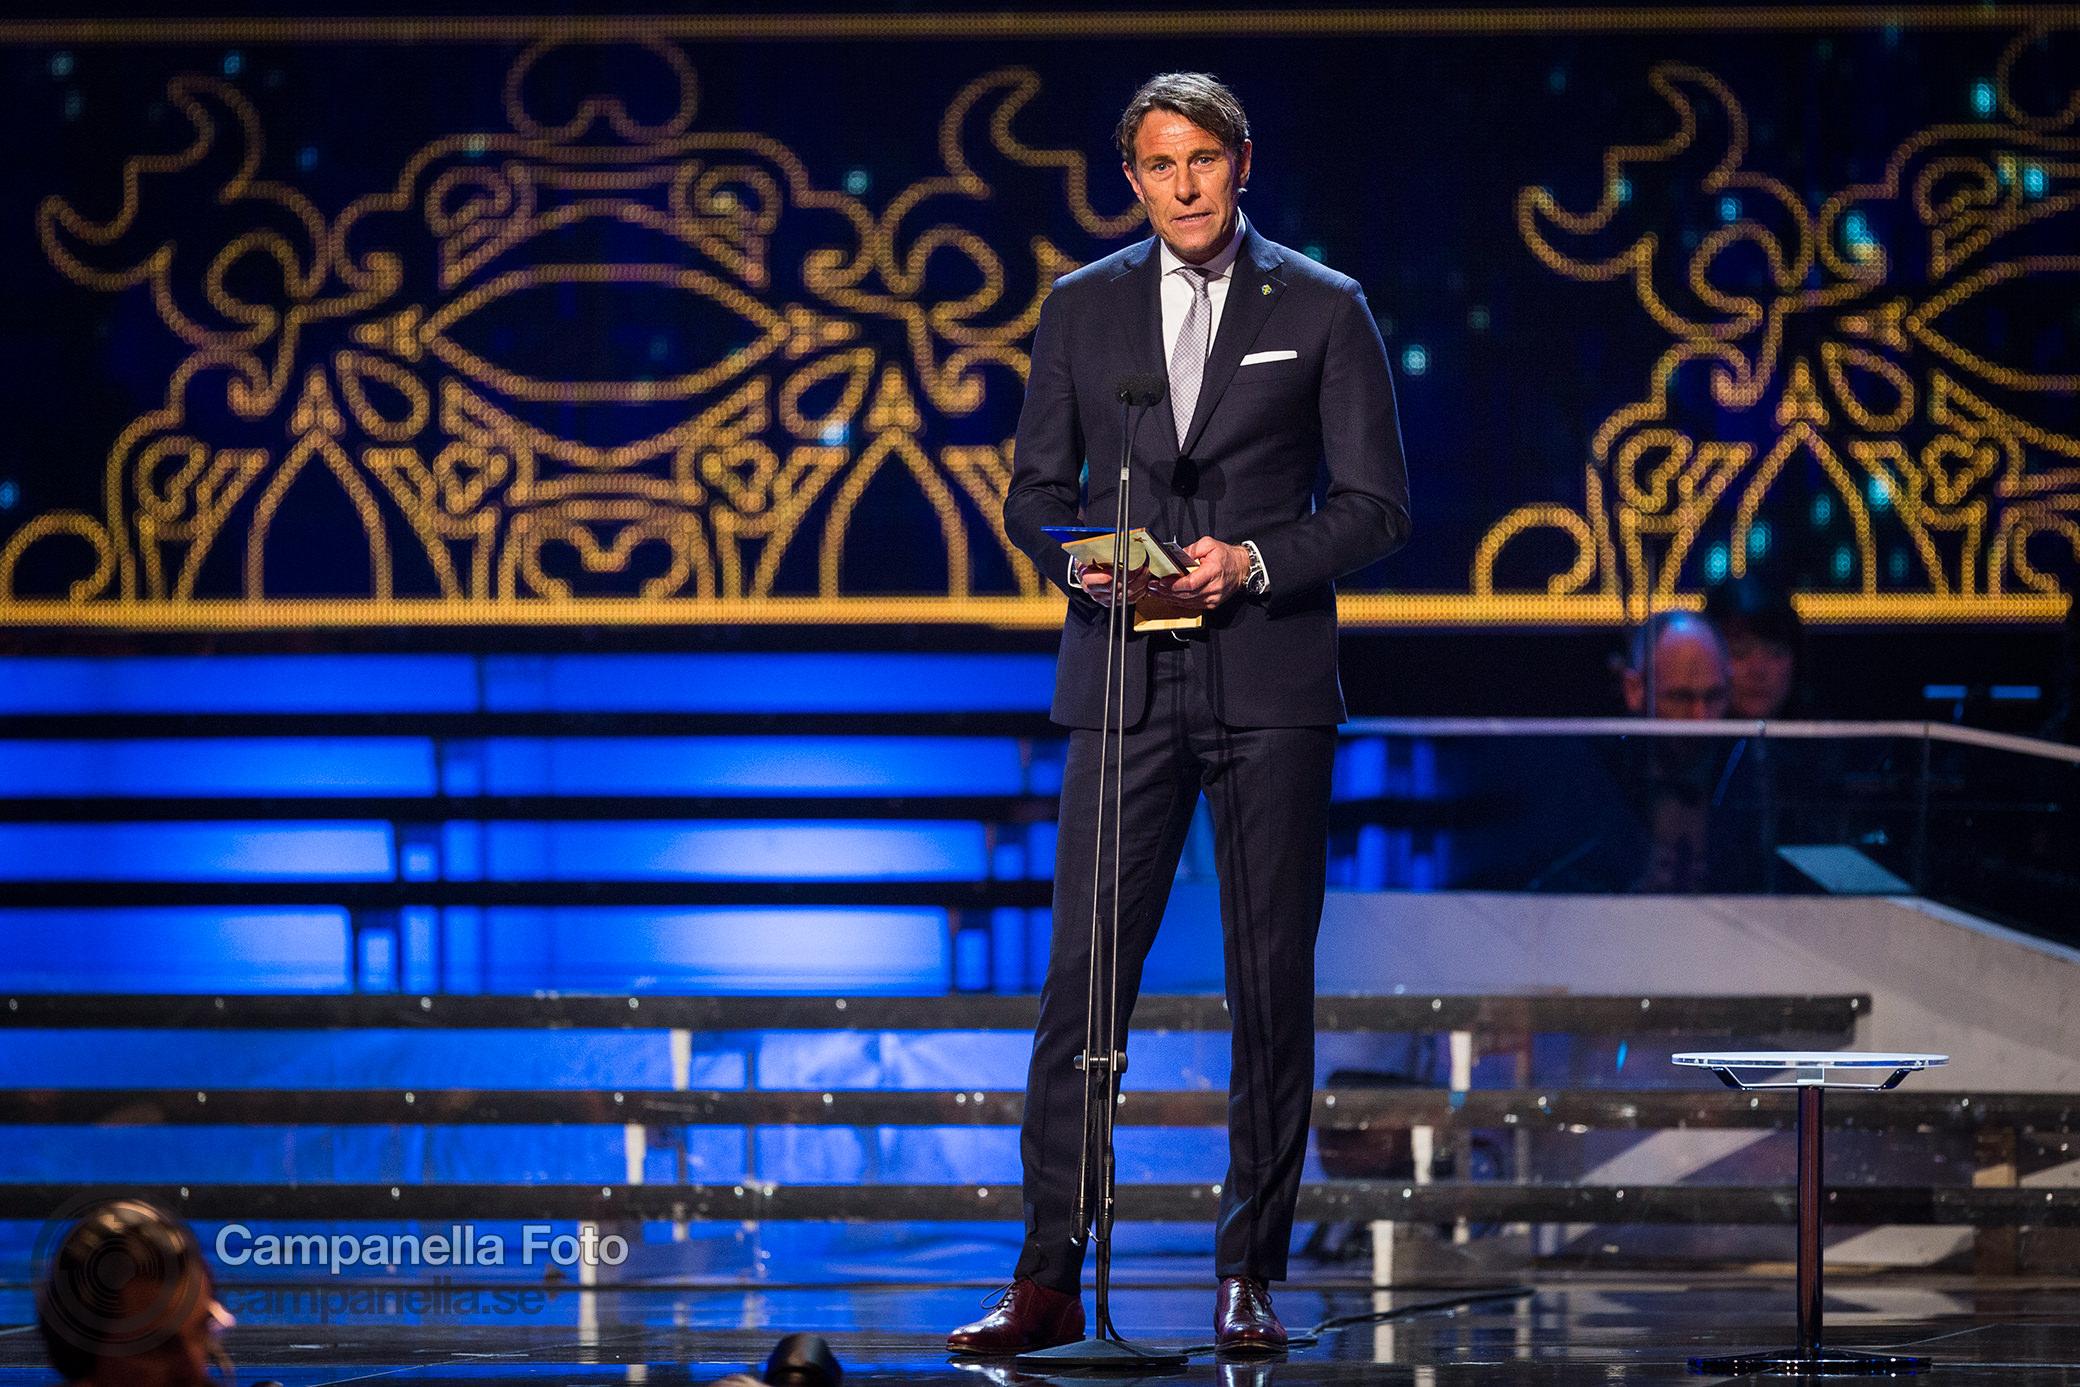 Idrottsgalan 2016: Swedish Sports Awards - Michael Campanella Photography